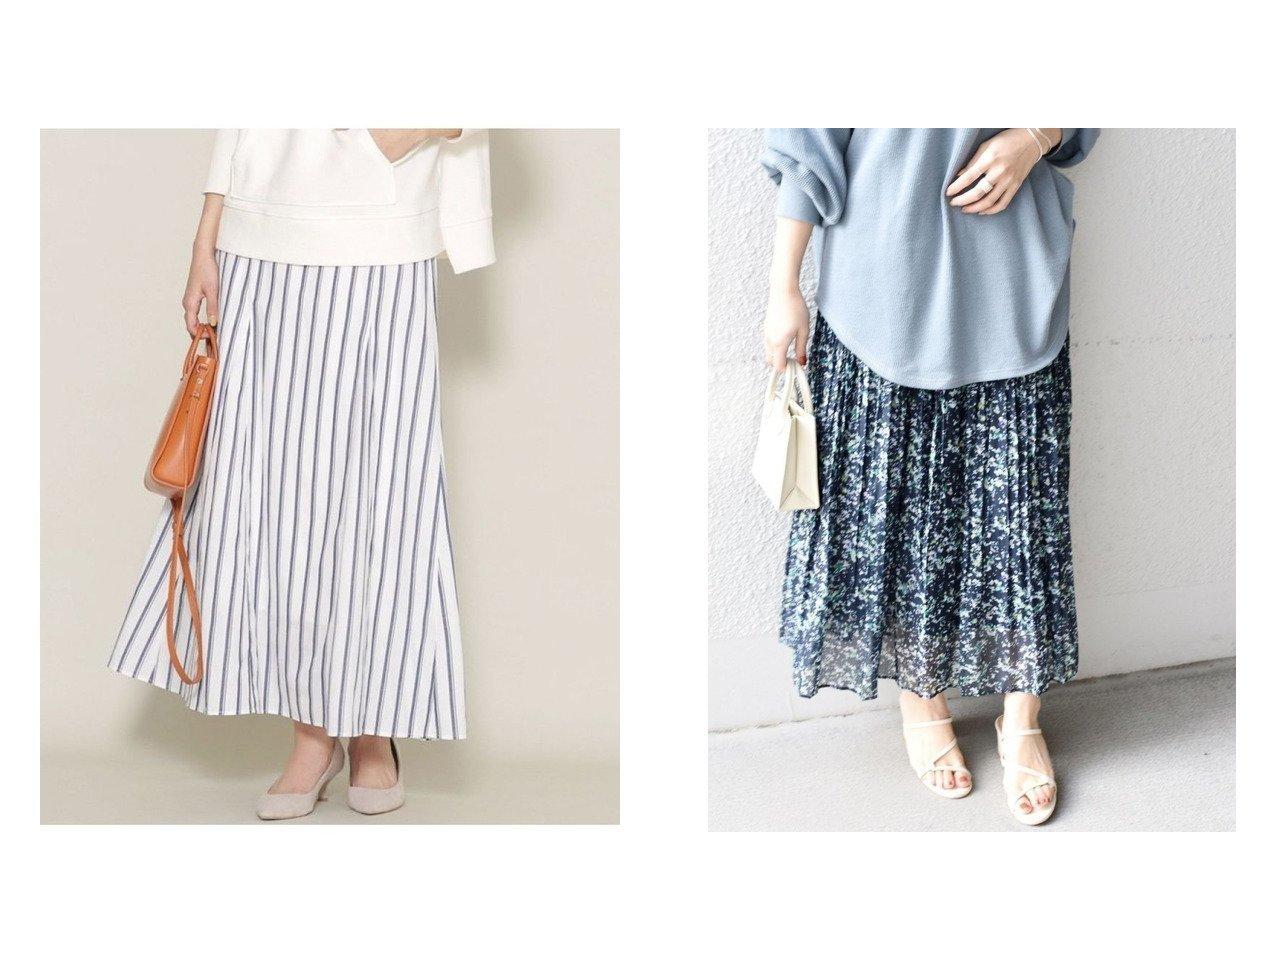 【SHIPS/シップス フォー ウィメン】のワッシャープリーツプリントスカート&【nano universe/ナノ ユニバース】のストライプフレアロングスカート スカートのおすすめ!人気、トレンド・レディースファッションの通販 おすすめで人気の流行・トレンド、ファッションの通販商品 メンズファッション・キッズファッション・インテリア・家具・レディースファッション・服の通販 founy(ファニー) https://founy.com/ ファッション Fashion レディースファッション WOMEN スカート Skirt プリーツスカート Pleated Skirts ロングスカート Long Skirt NEW・新作・新着・新入荷 New Arrivals くるぶし エアリー ギャザー トレンド プリーツ 再入荷 Restock/Back in Stock/Re Arrival ウォッシャブル ストライプ セットアップ 長袖 フレア リネン ロング |ID:crp329100000011752